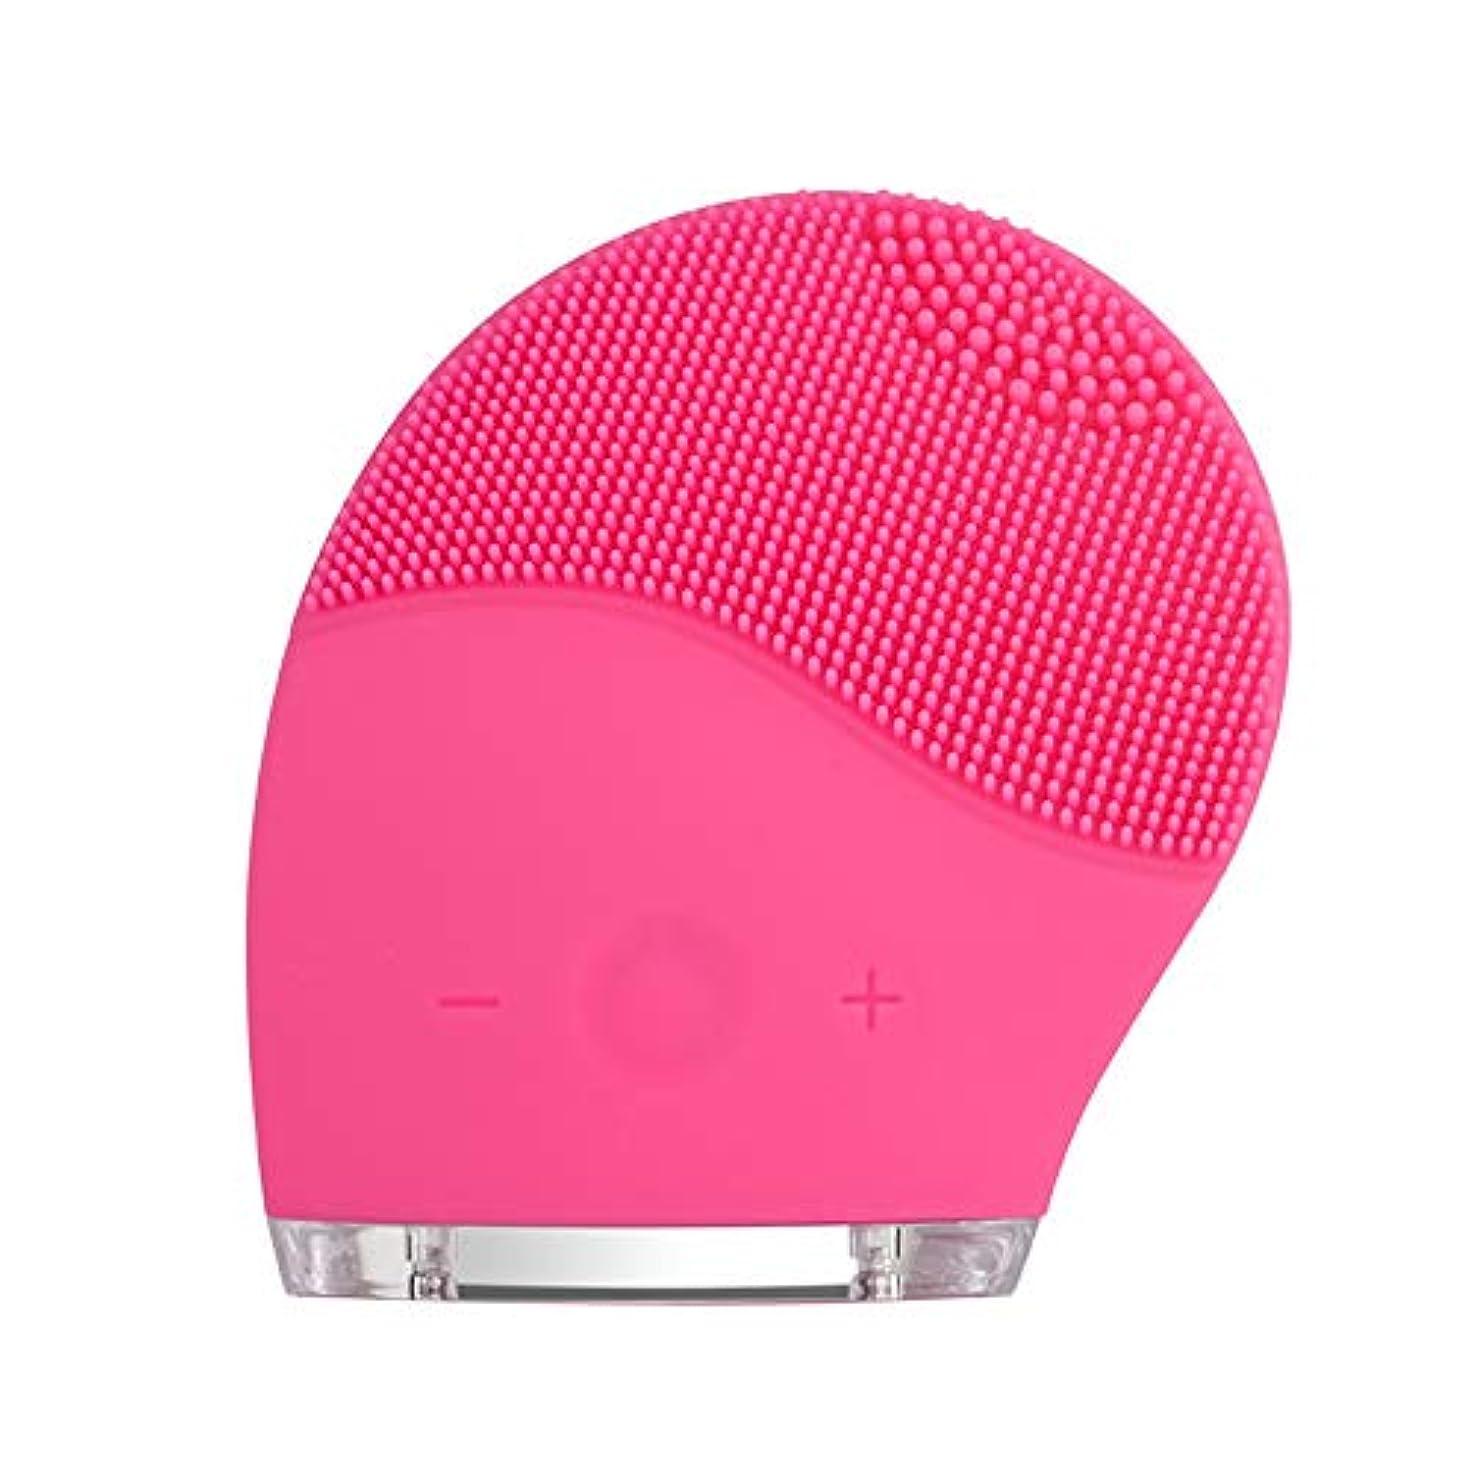 進捗必要条件統合kaixi 2019最新のシリコーンクレンジング楽器洗浄ブラシ電気美容器具毛穴きれいな柔らかい髪振動充電式洗浄アーティファクト